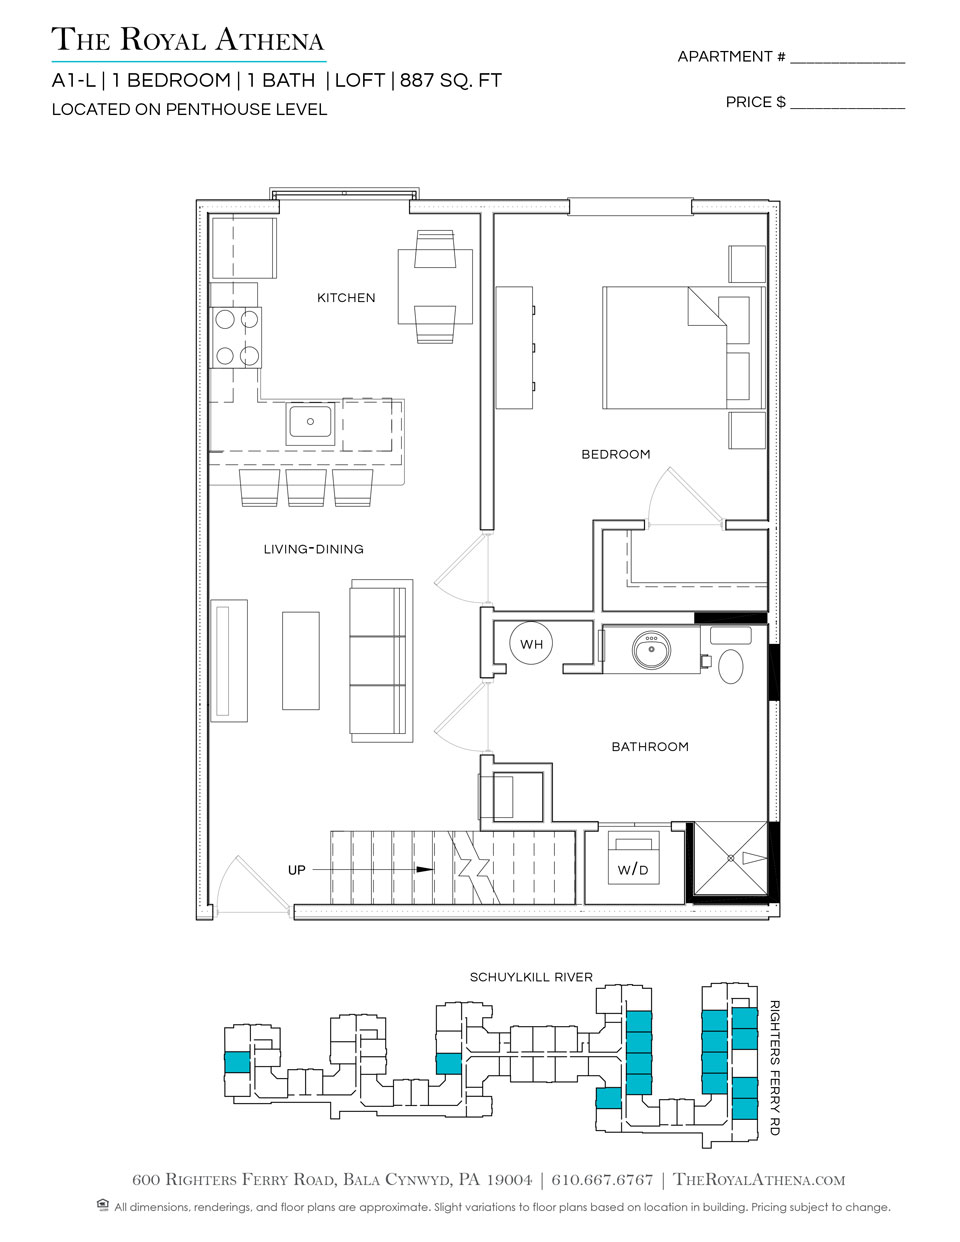 P0659218 a1 l 1 2 floorplan